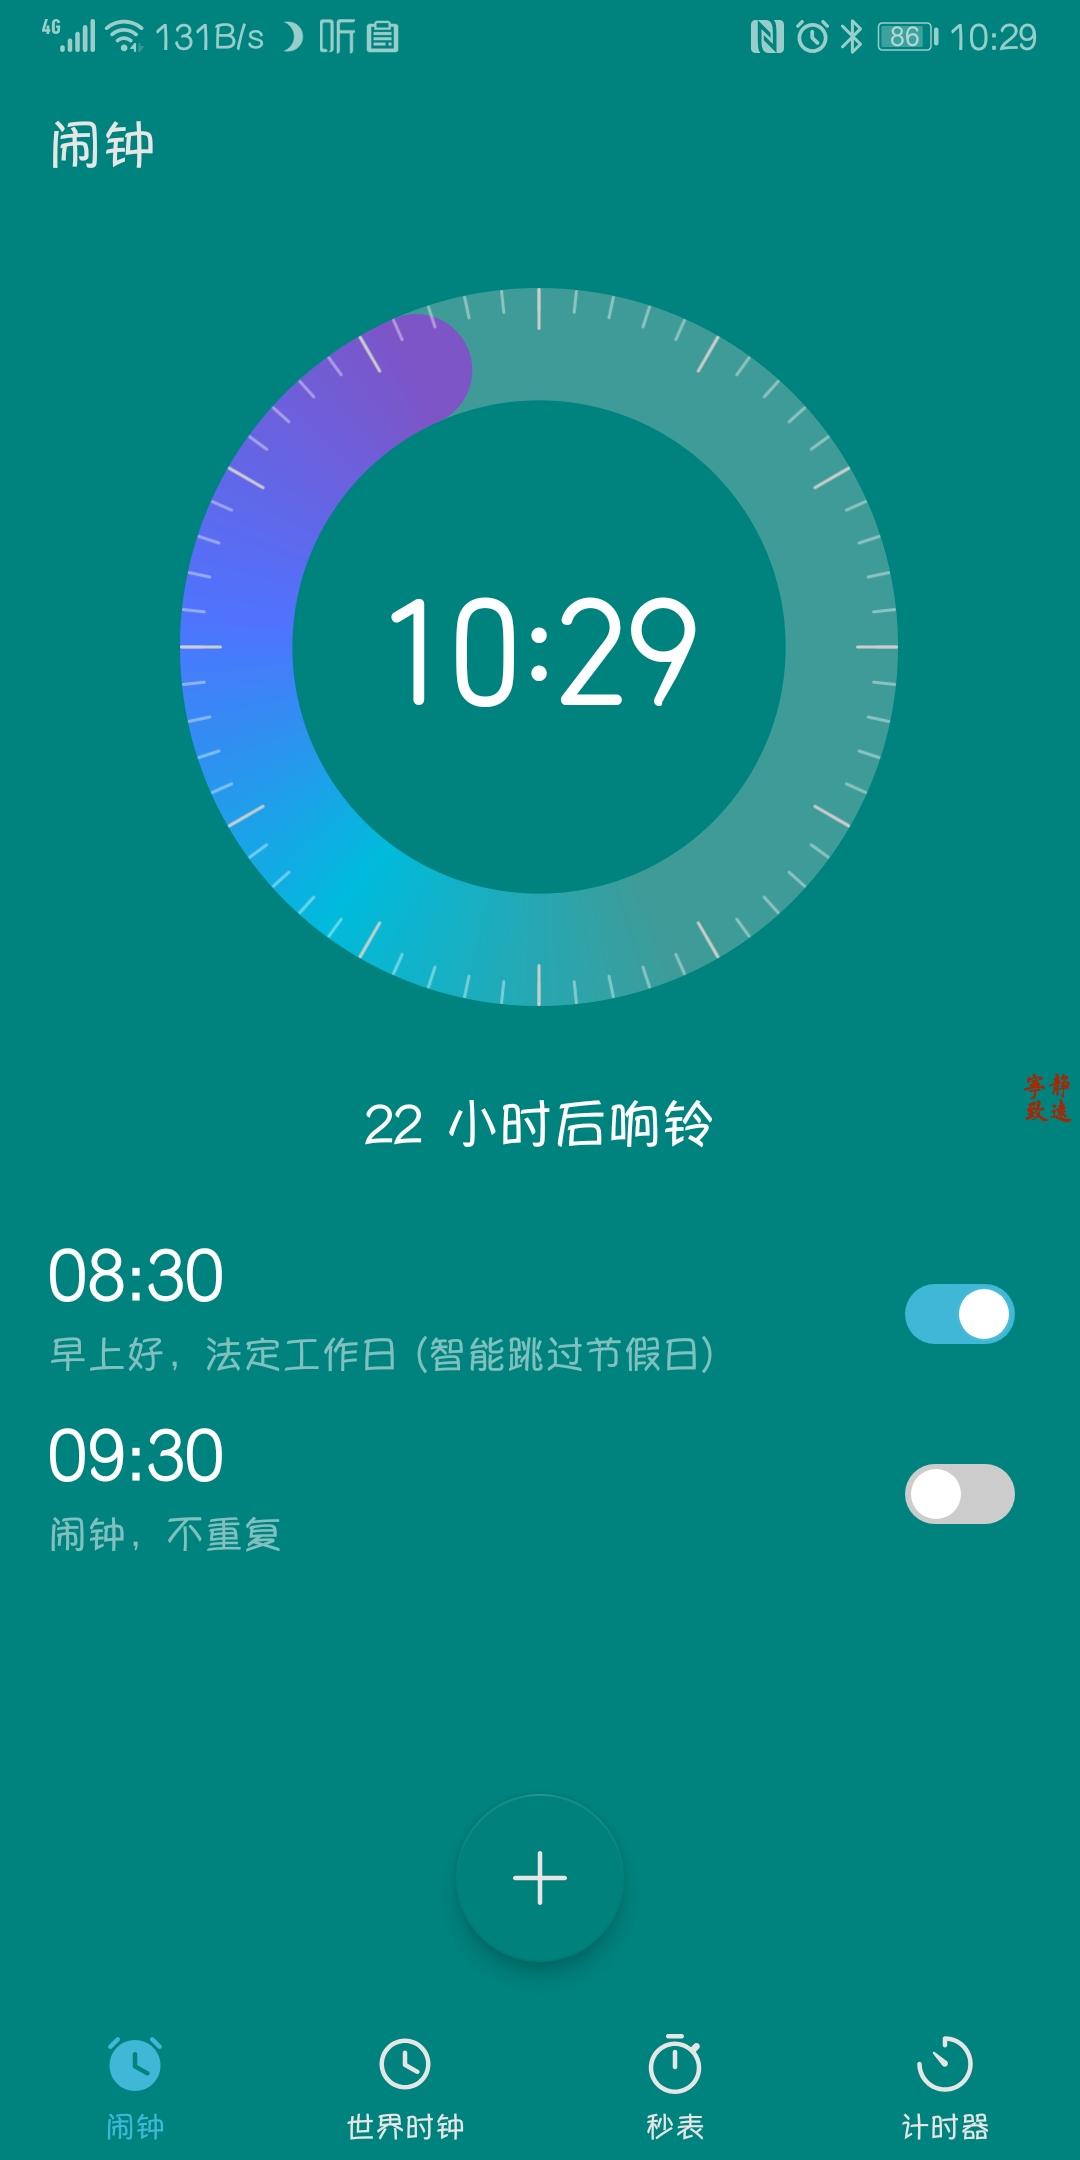 Screenshot_20190528_102956_com.android.deskclock.jpg